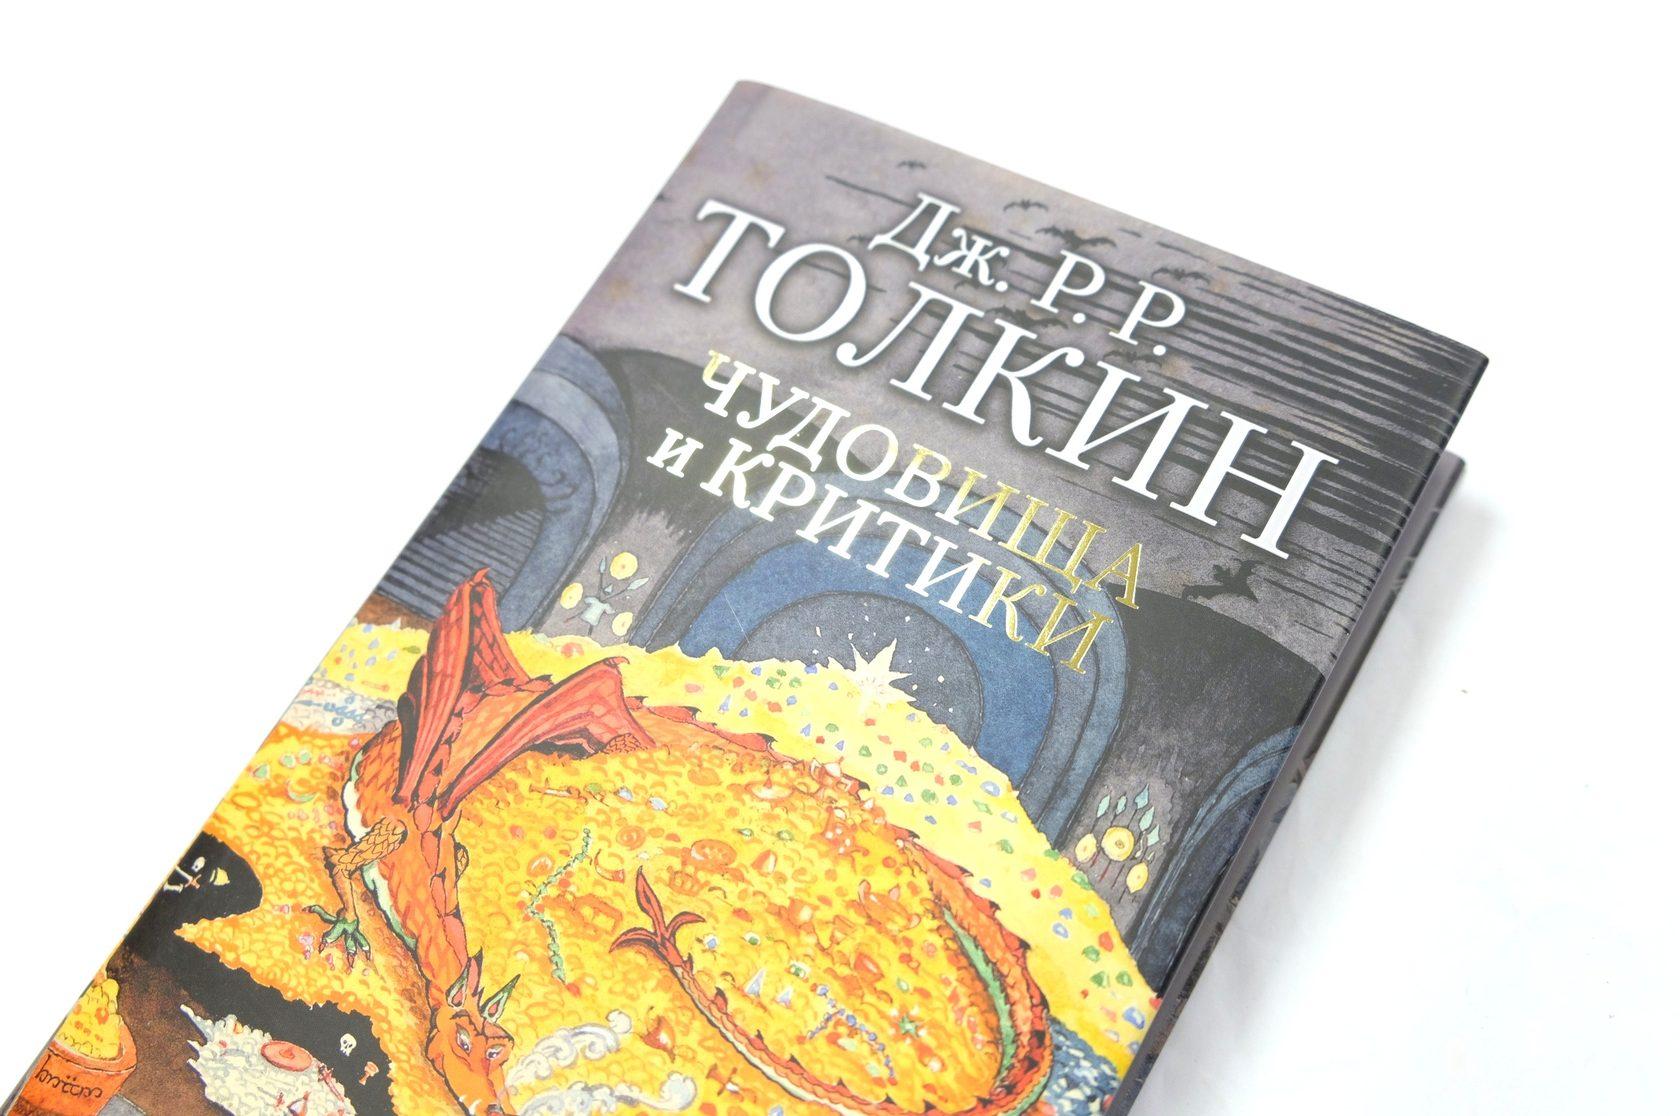 Джон Толкин «Чудовища и критики»